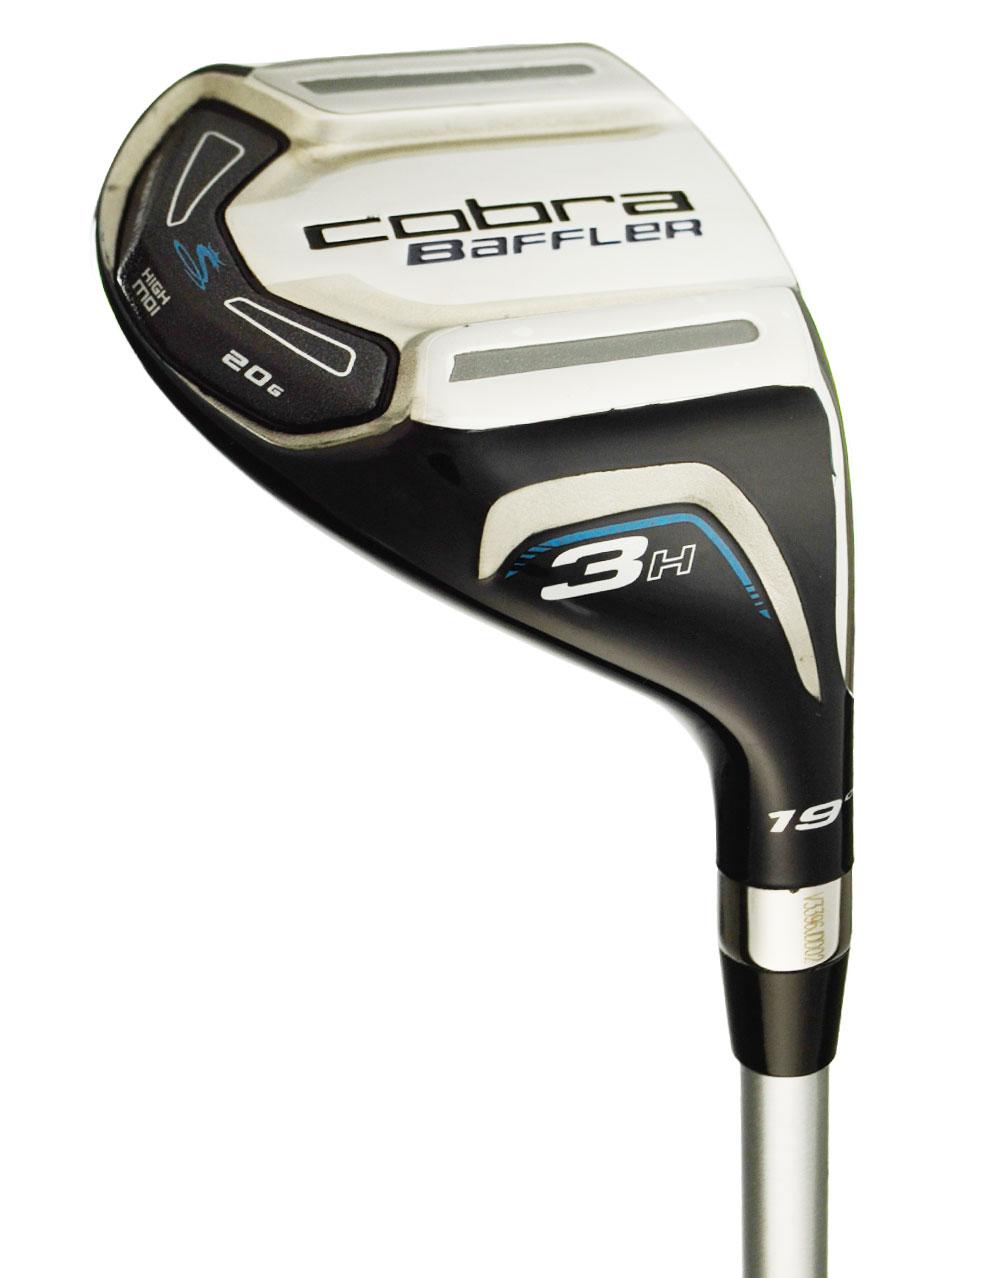 Cobra Golf Baffler XL 19* #3 Hybrid Stiff Flex